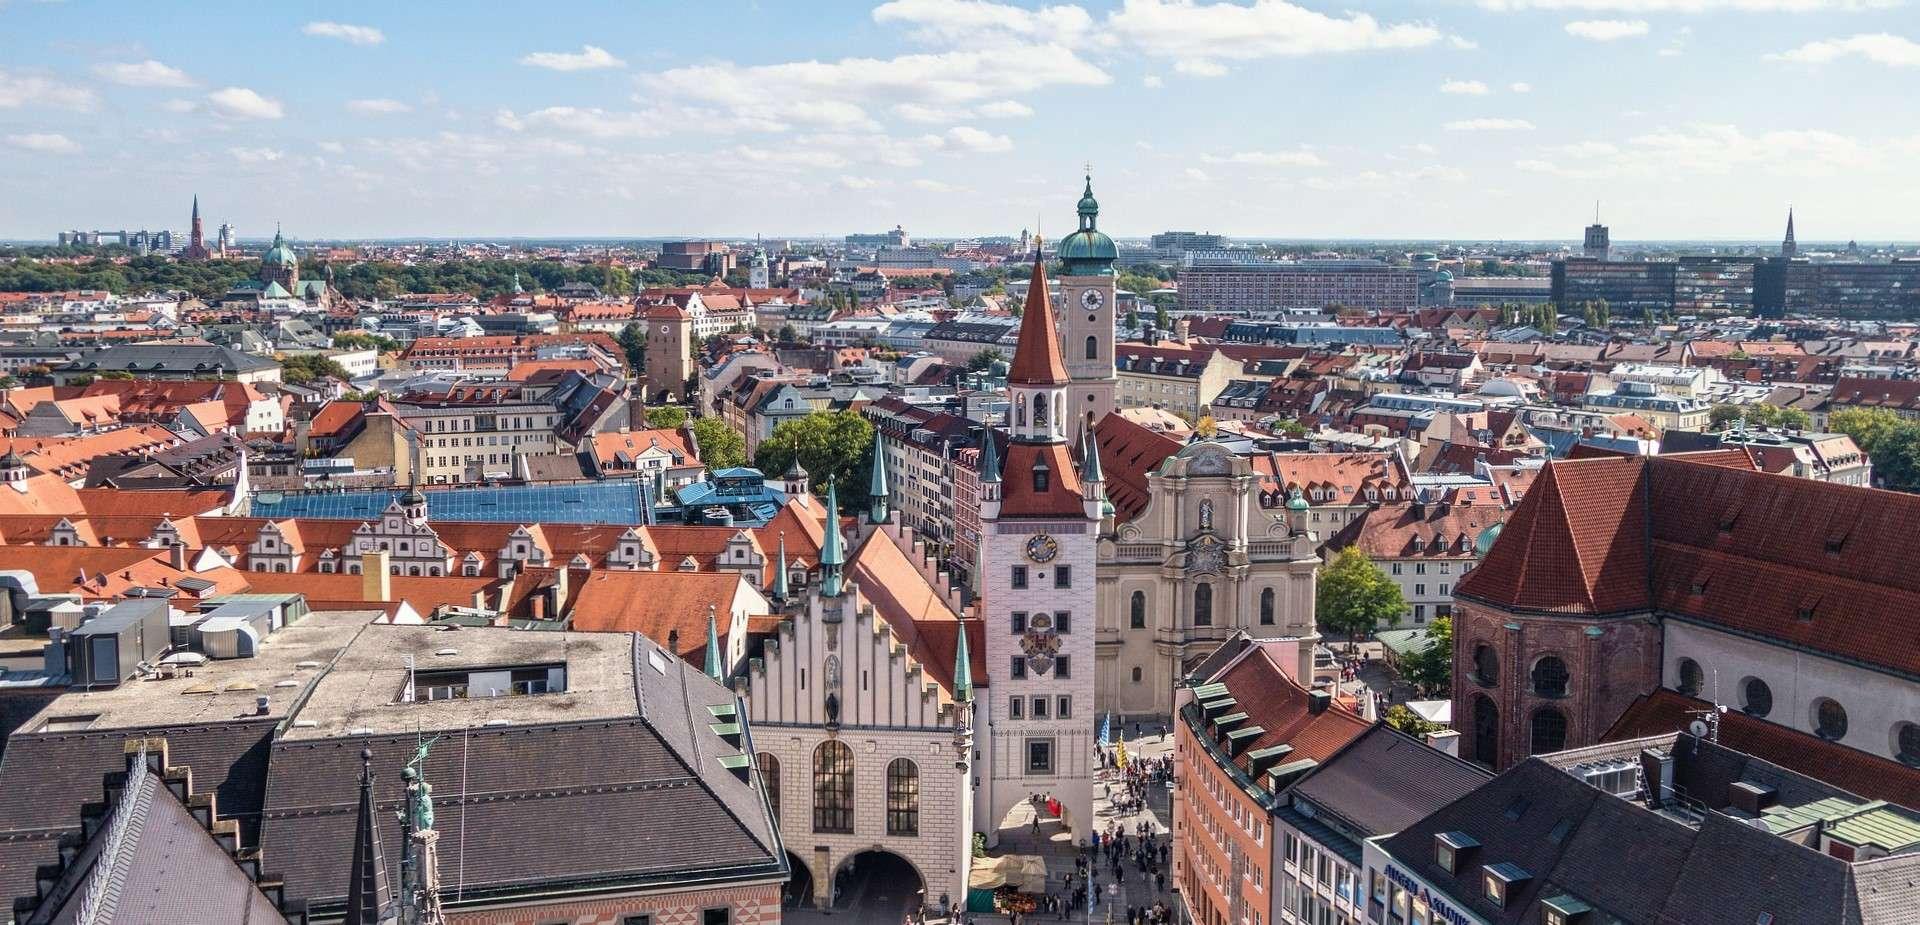 Direktflüge und Billigflüge ab Graz nach München